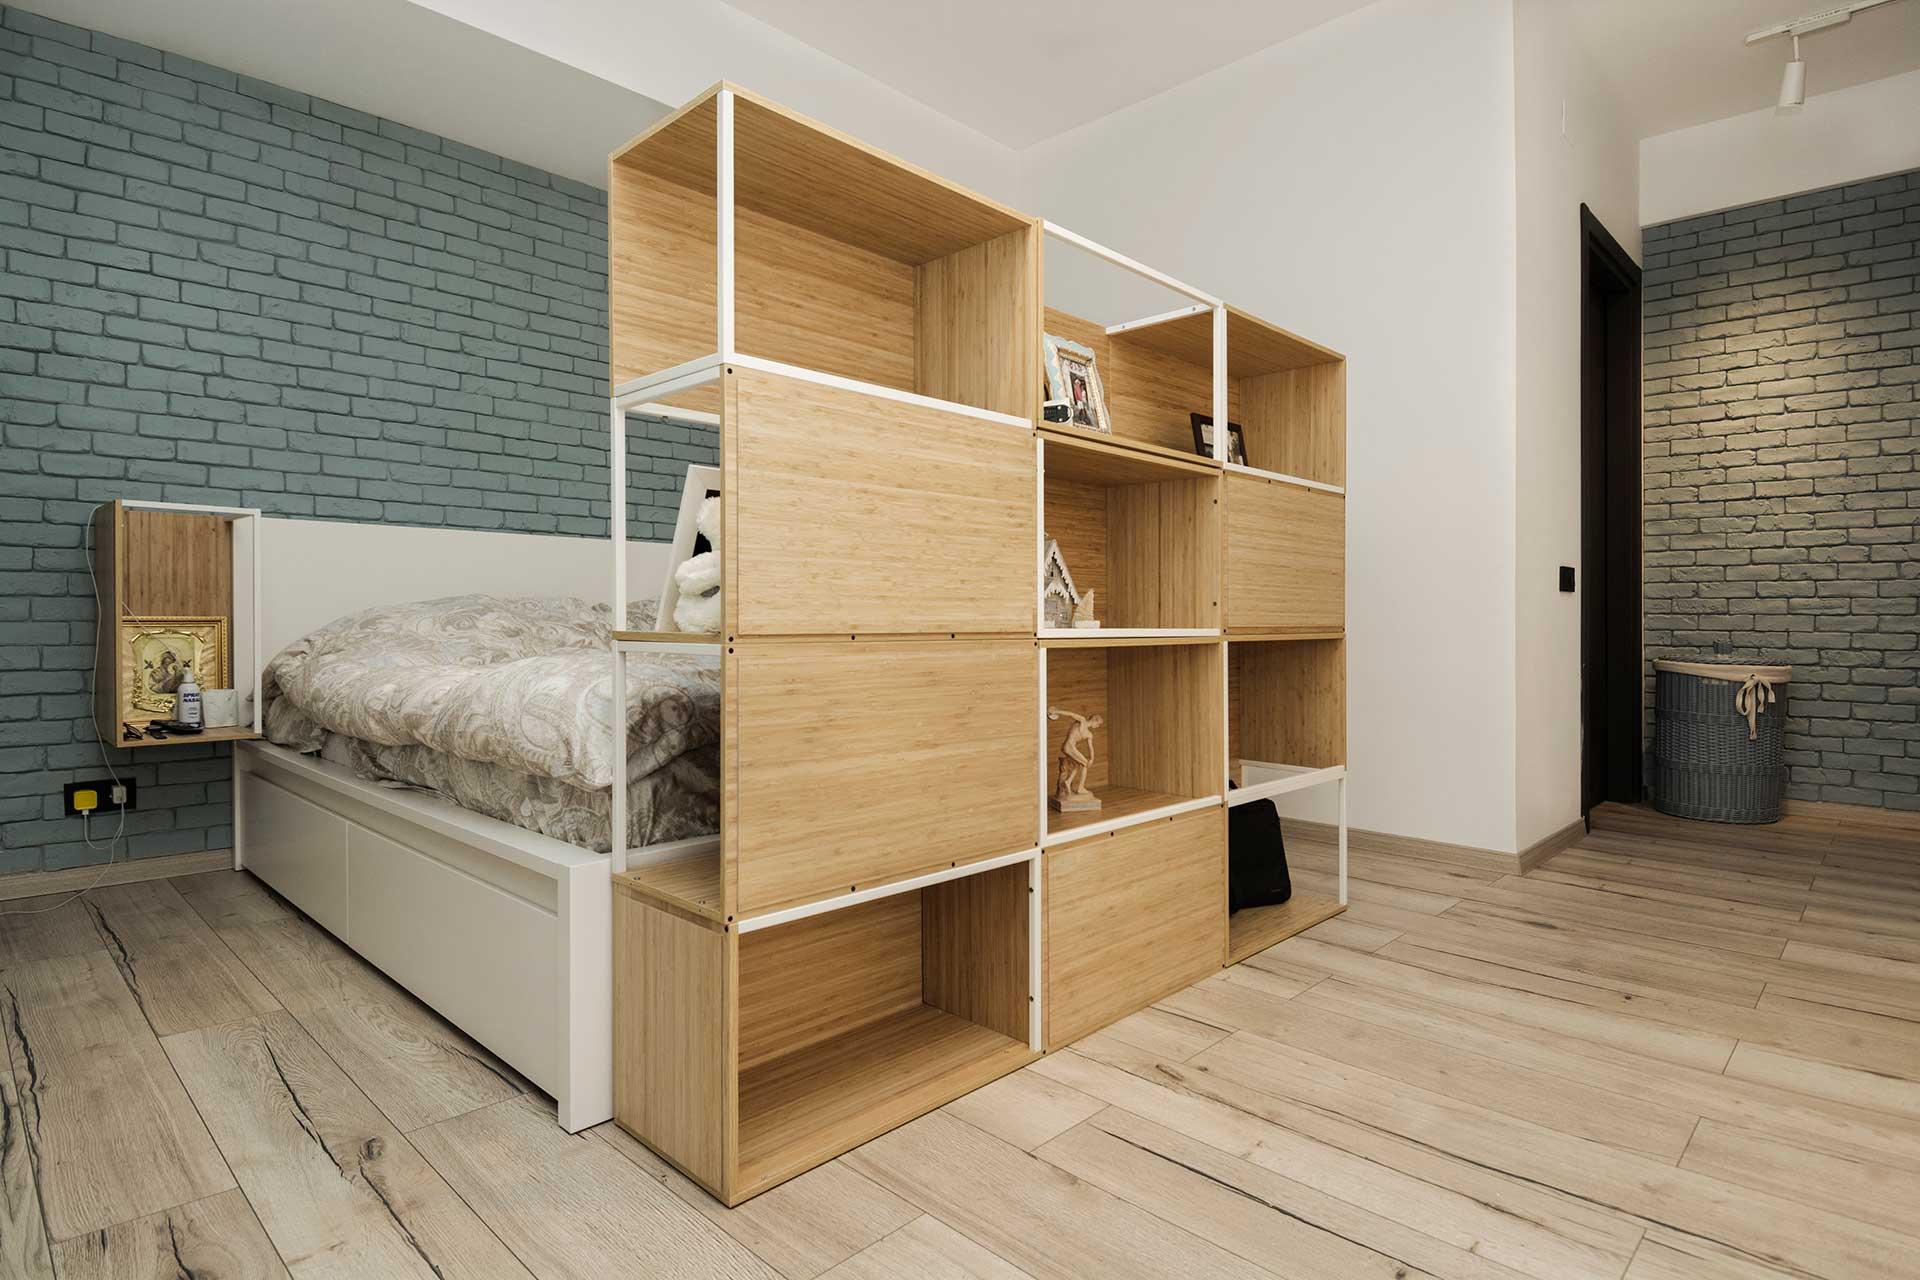 apartament cu look nordic si accente industriale dormitor